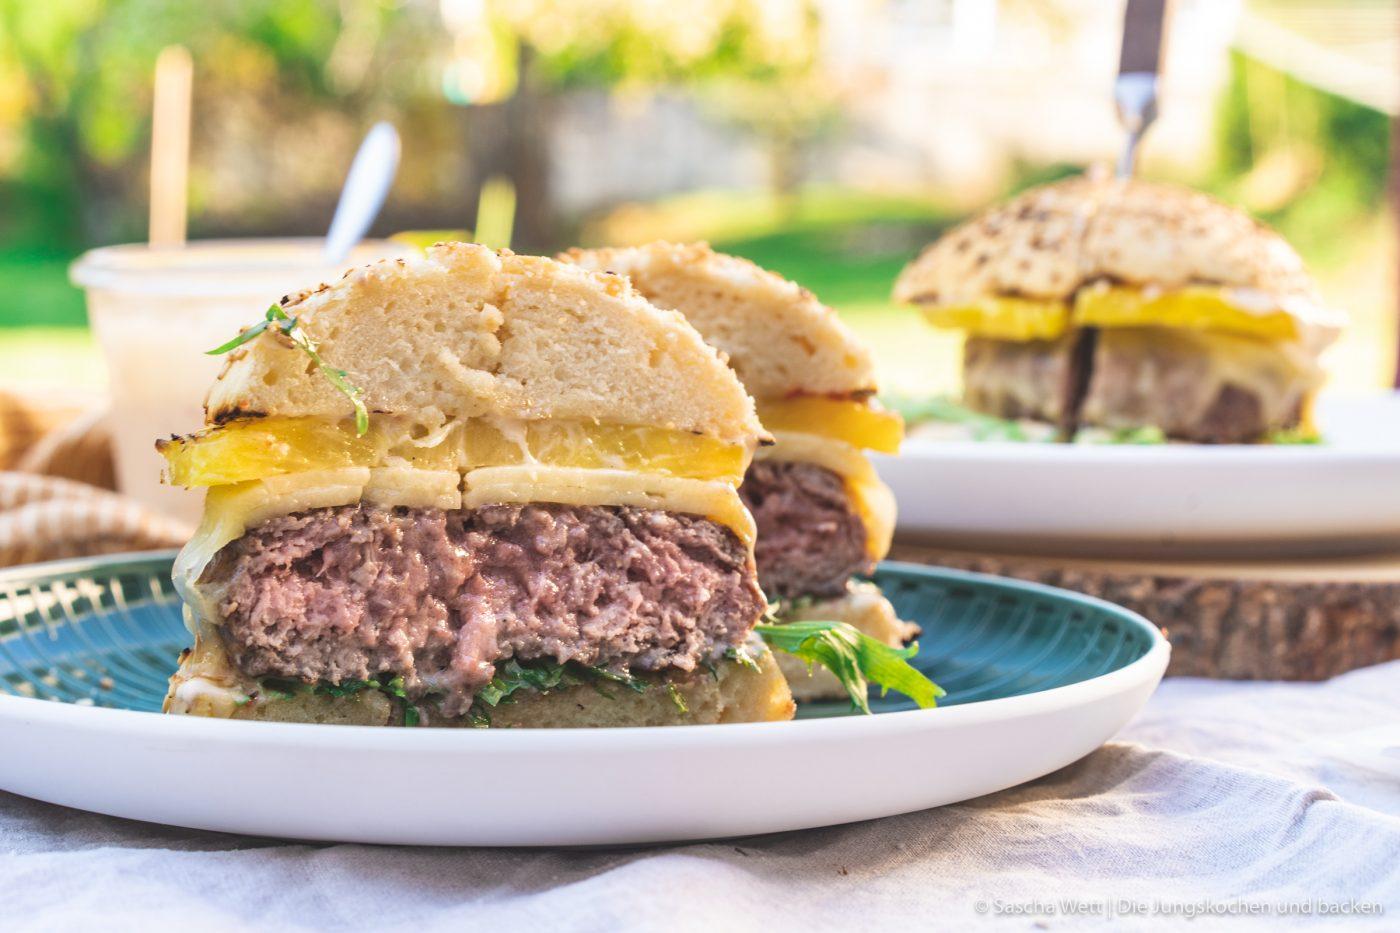 Vintage Cheddar Burger kerrygold 25 | Wir melden uns heute nach den erholsamen Ostertagen wieder mit einem neuen Rezept zurück. Denn auch wenn ihr bestimmt alle mit euren Familien und euren Freunden ein paar leckere Tage verbracht habt, wollen wir euch gleich wieder neue Ideen für danach mit auf den Weg geben. Und dieses Mal auch gleich mit einem yummy Cheeseburger, den wir am Ostersamstag bei den Eltern von Sascha gegrillt haben. Aber nicht einfach irgendein Cheeseburger - ein Cheeseburger mit gegrillter Ananas und Vintage Cheddar!